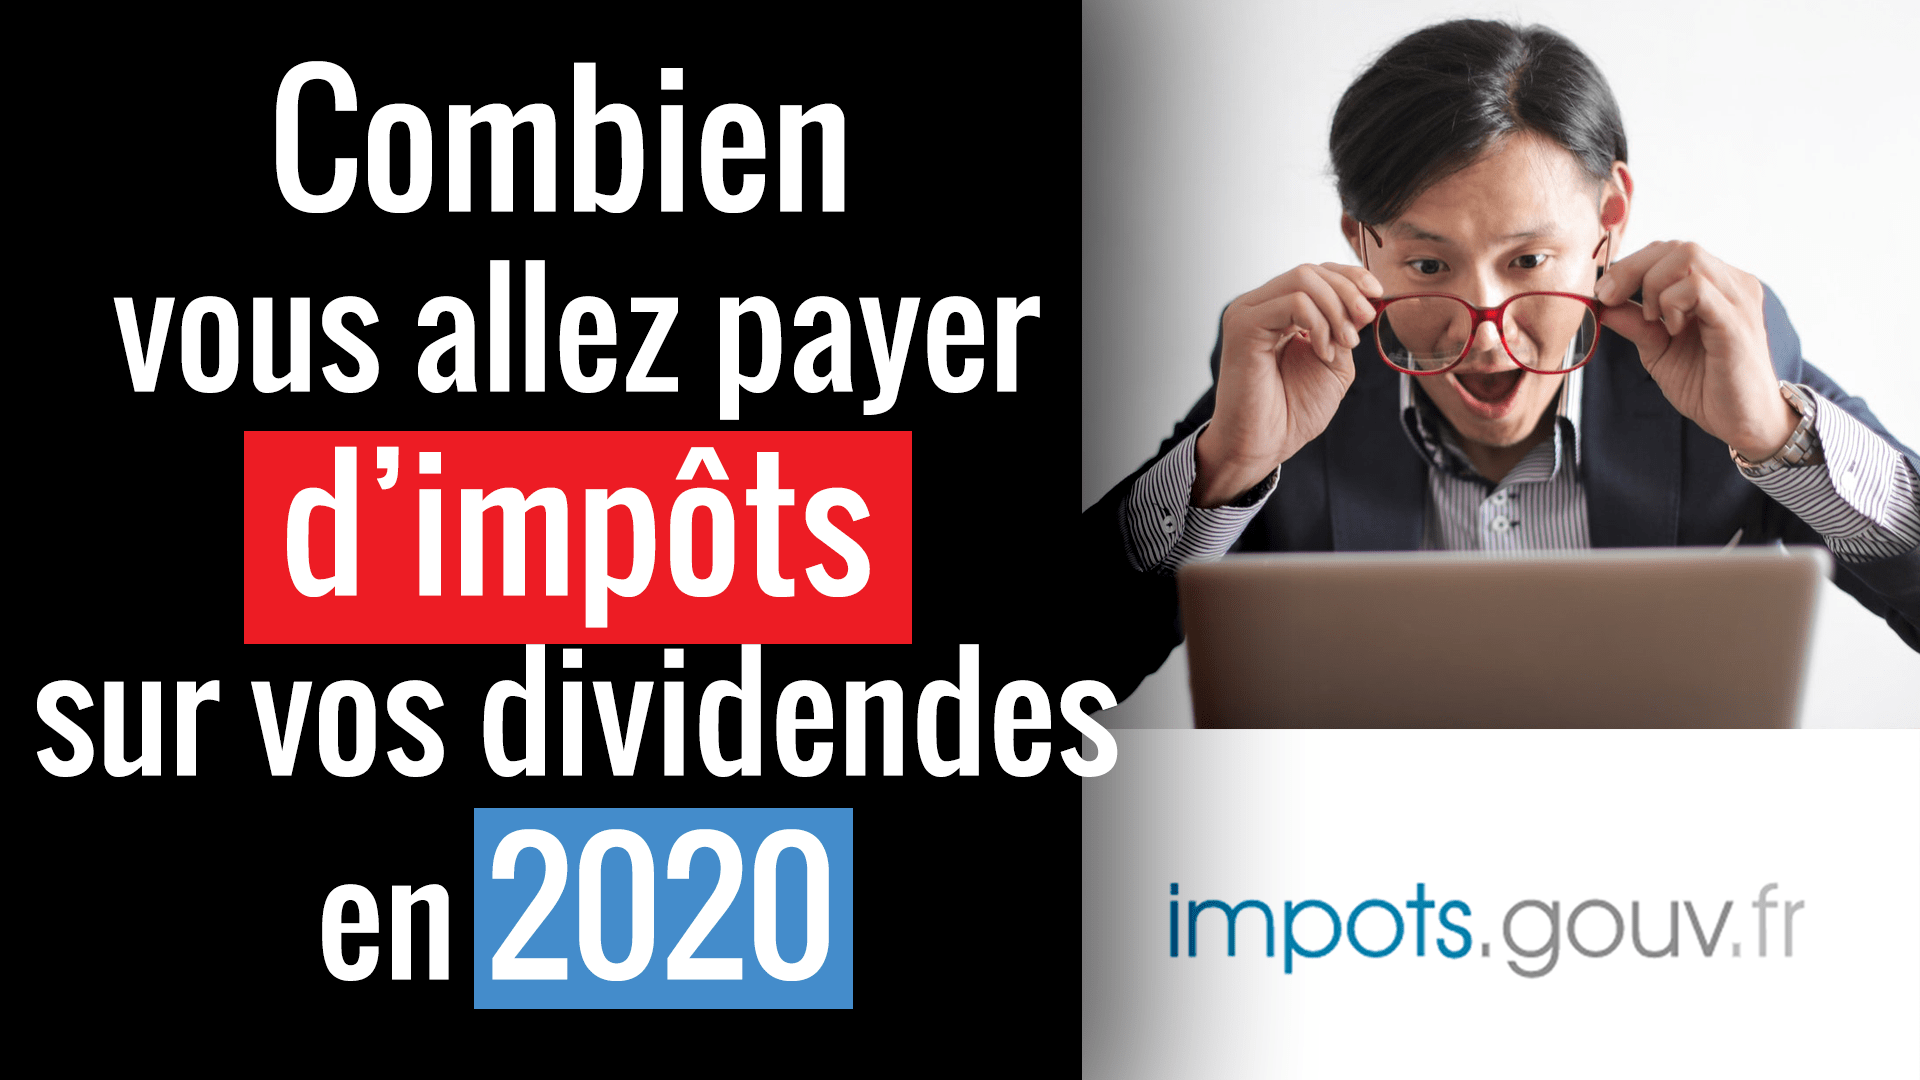 Imposition des dividendes en 2020